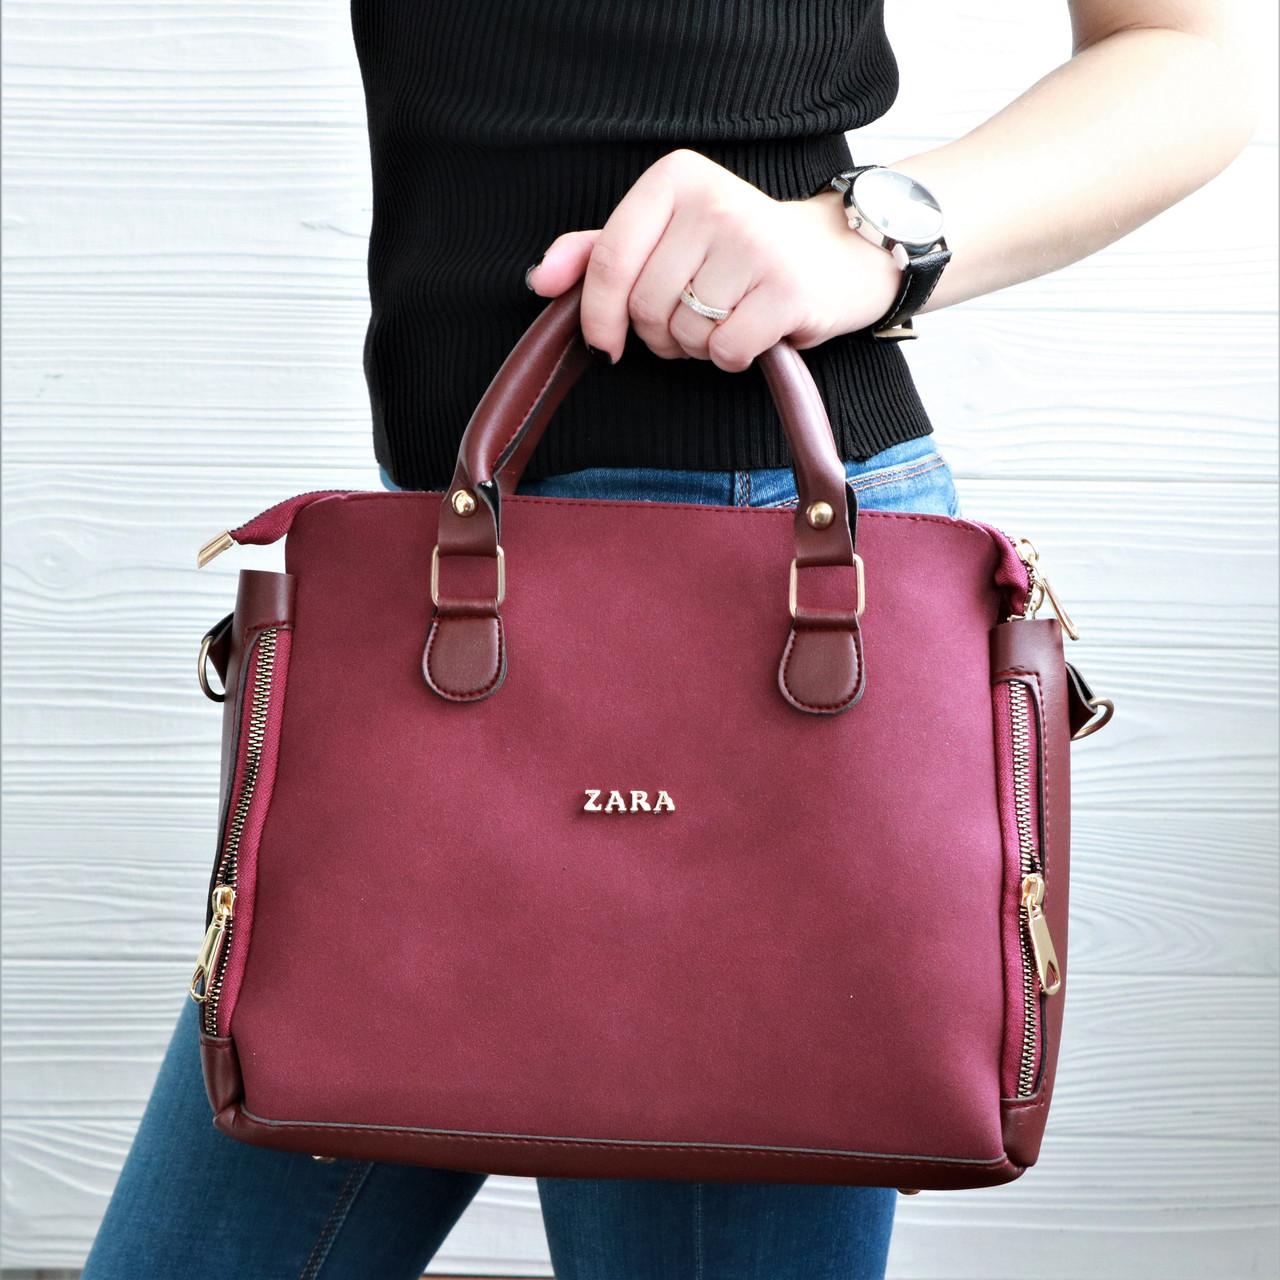 ad9c7b60ab80 Женская сумка копия ZARA Бордовая: продажа, цена в Обухове. женские ...